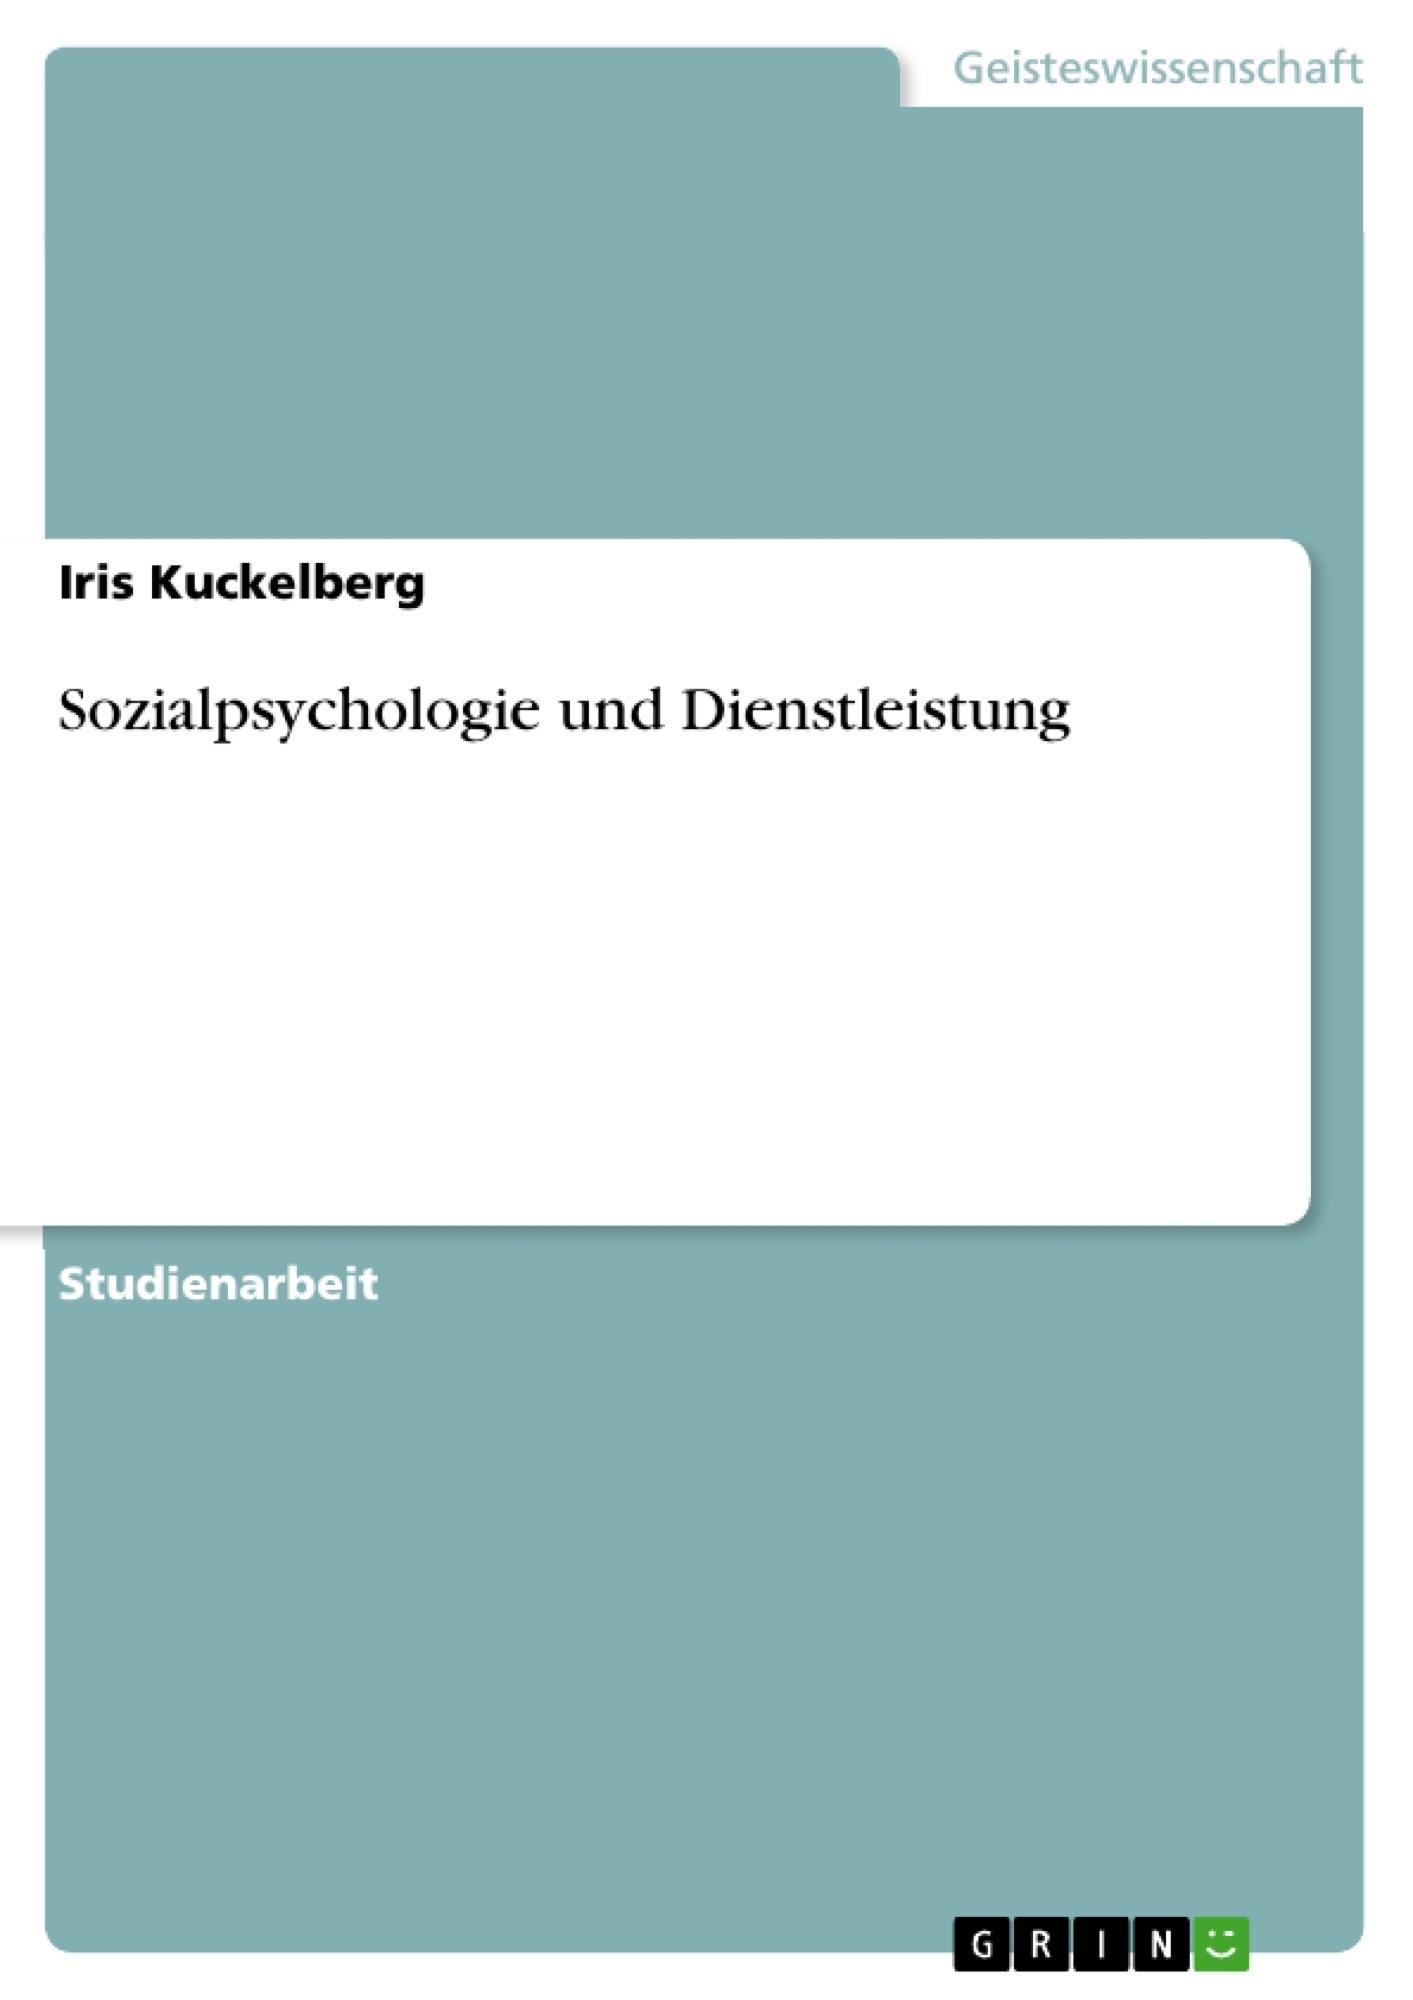 Titel: Sozialpsychologie und Dienstleistung